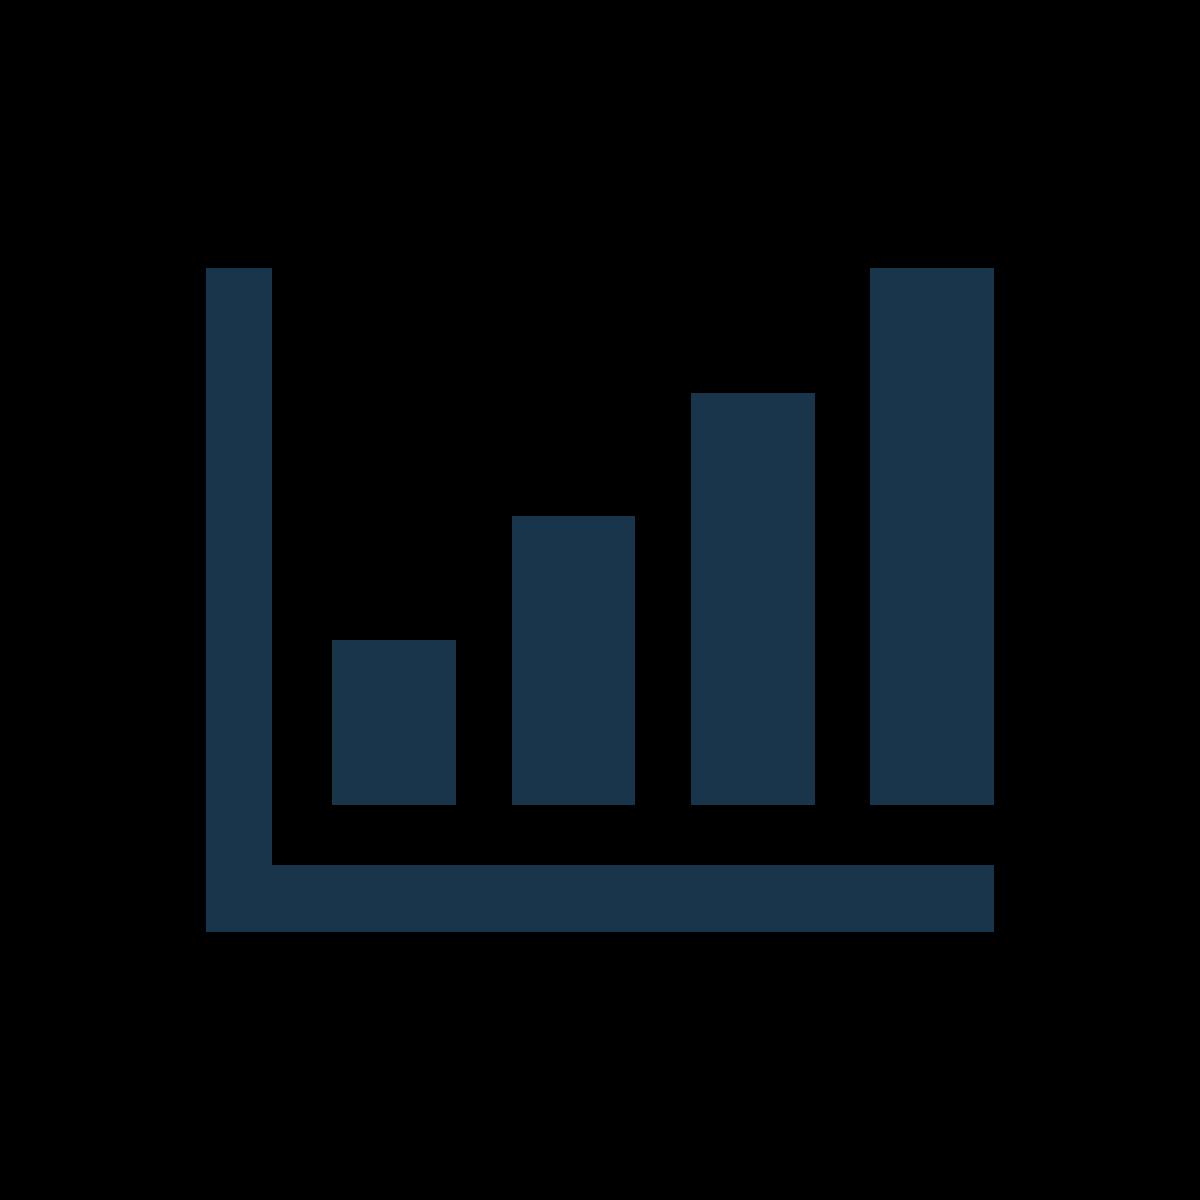 noun_chart_2500226